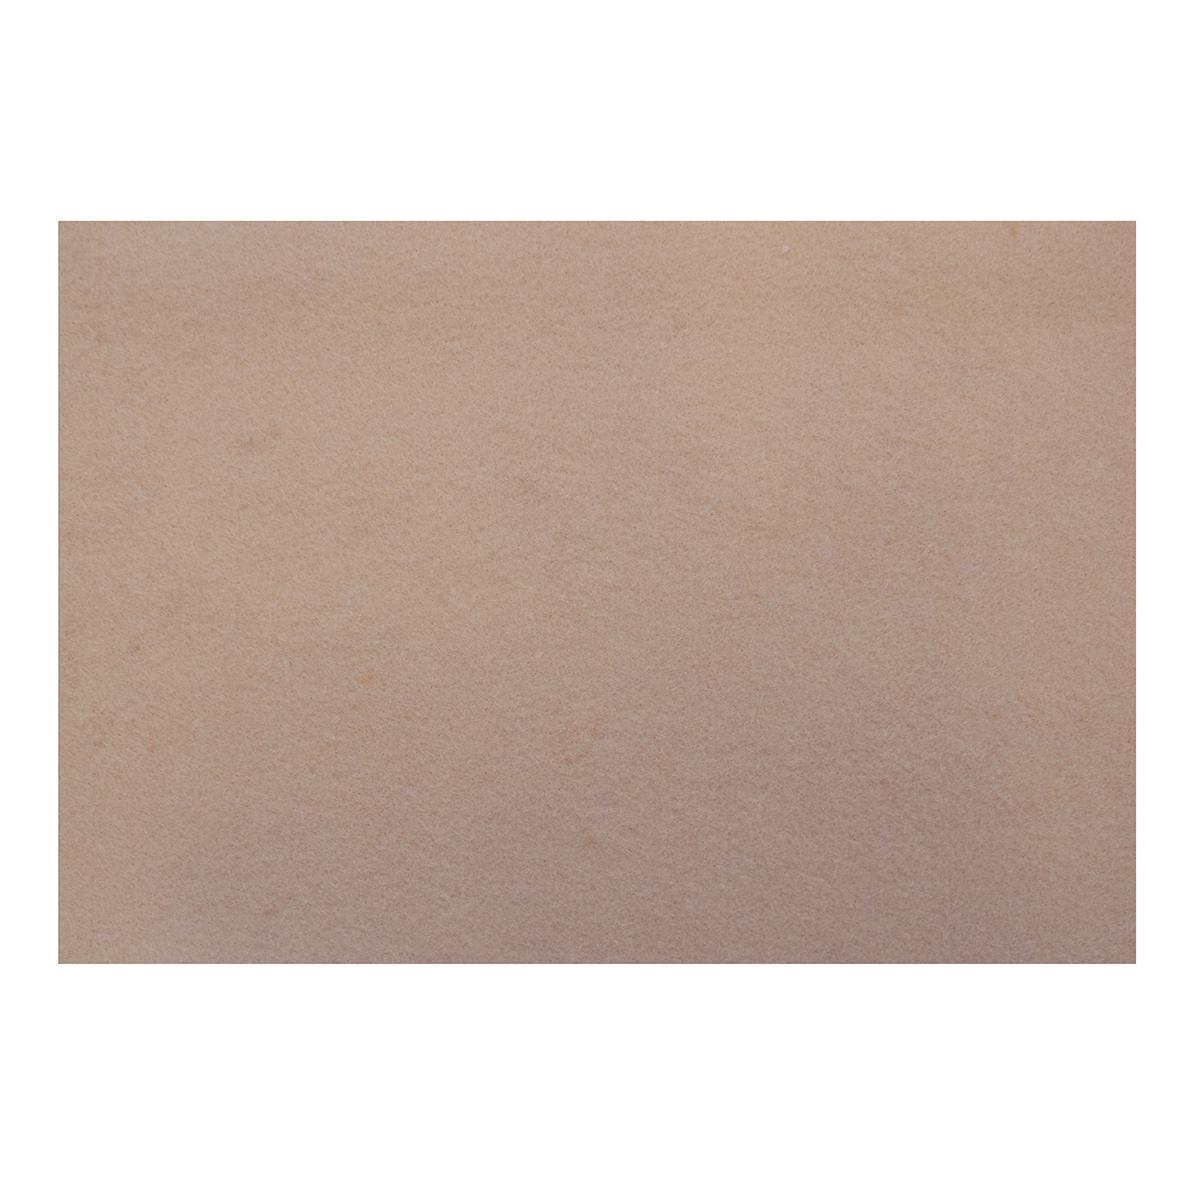 Фетр листовой Астра, цвет: персиковый, 20 х 30 см, 10 шт7708618_YF 652 персиковыйФетр декоративный Астра очень приятен в работе: не сыпется, хорошо клеится, режется и сгибается в любых направлениях. Фетр отлично сочетается с предметами в технике фильцевания.Из фетра получаются чудеснейшие украшения (броши, подвески и так далее), обложки для книг, блокнотов и документов, картины, интересные детали дляинтерьера и прочее.